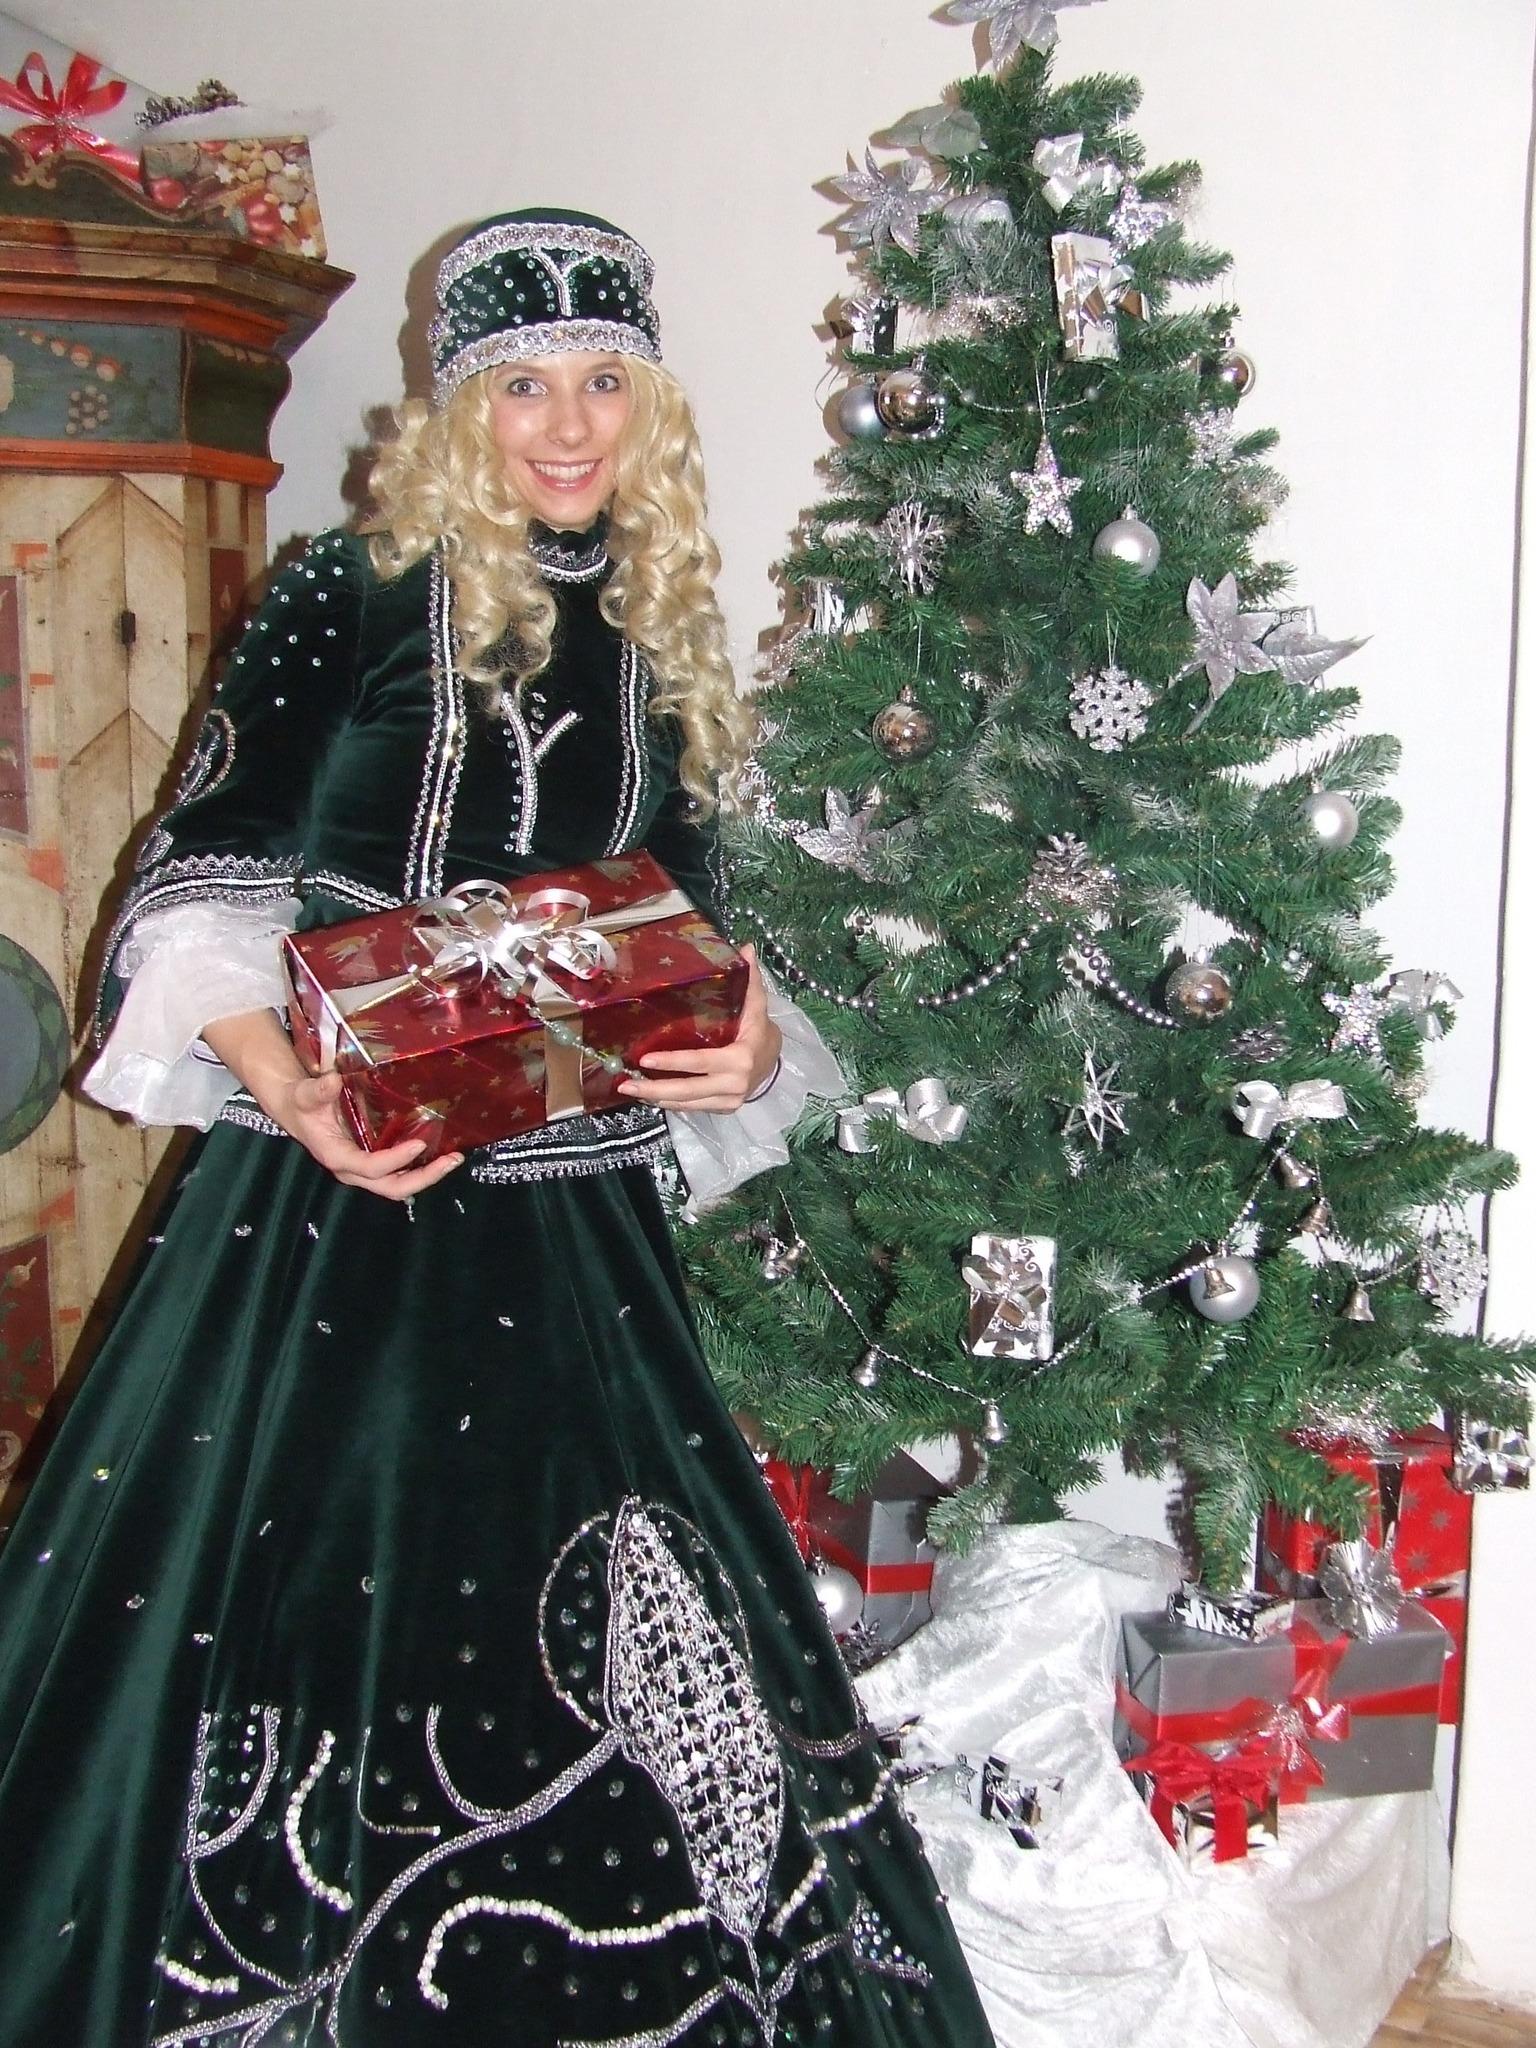 Weihnachtsmuseum Zeigt 14 000 Stuck Christbaumschmuck Steyr